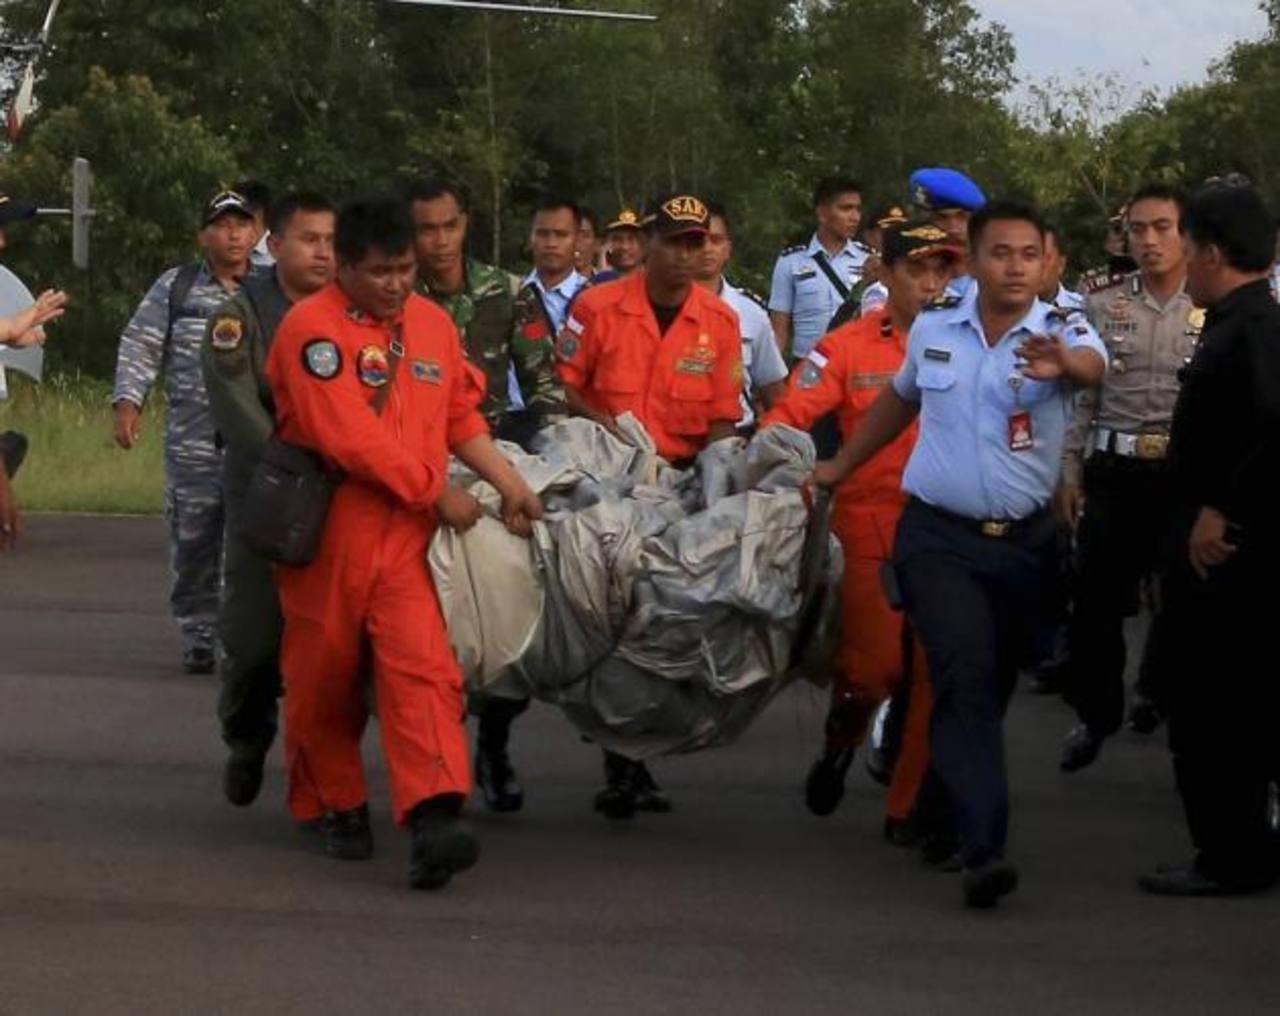 Miembros de las Fuerzas Aéreas trasladan lo que se cree es el tobogán de emergencia del avión de AirAsia desaparecido en Pangkalan Bun (Indonesia). Reuters